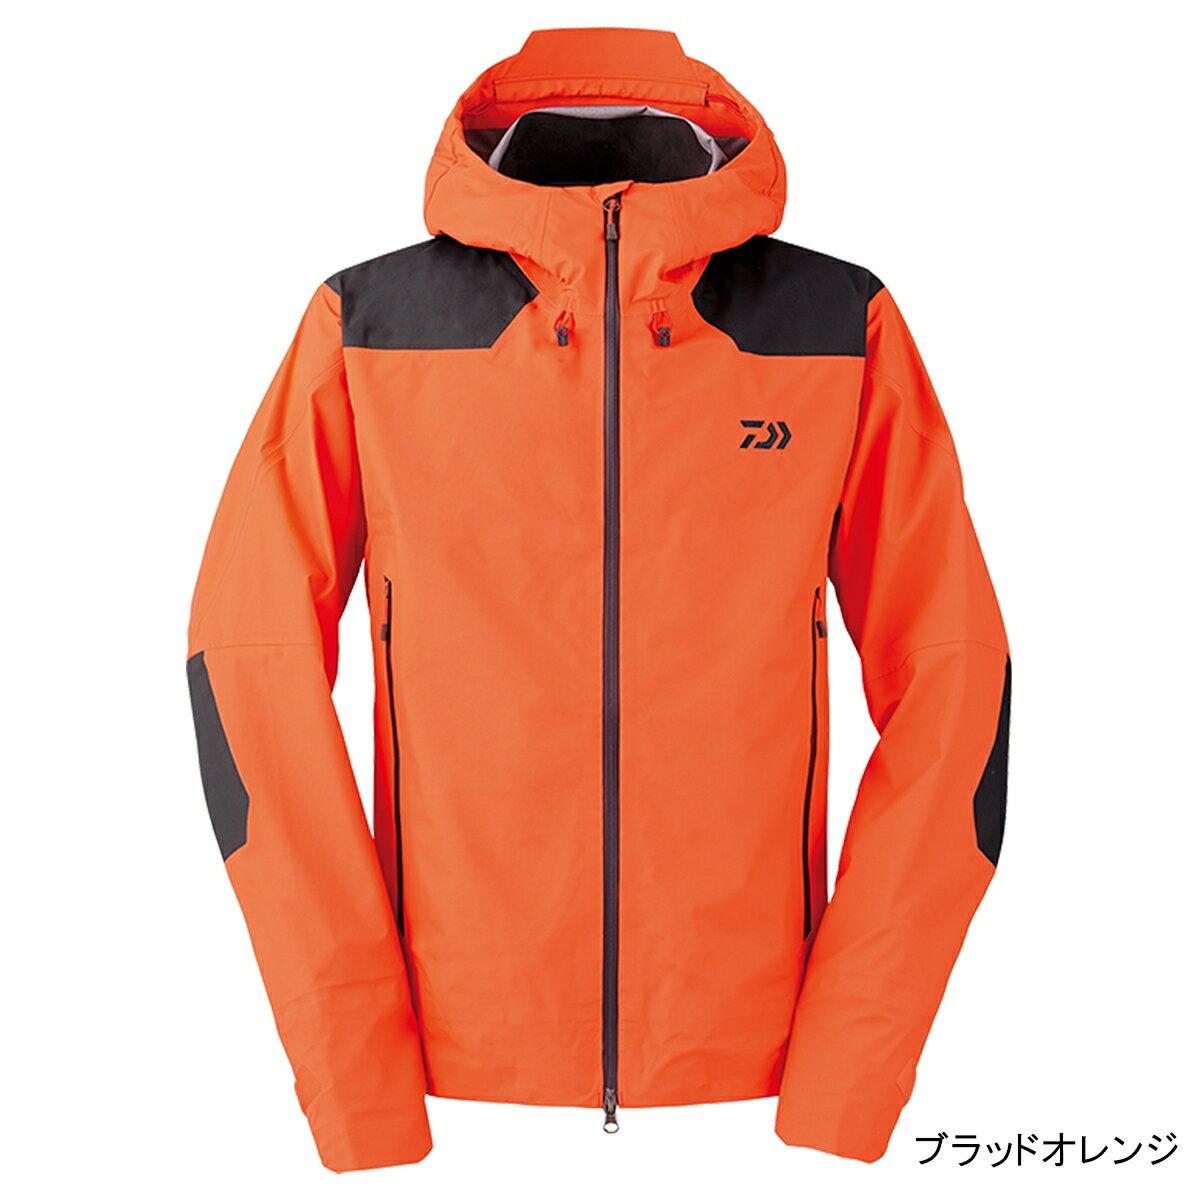 ダイワ レインマックス レインジャケット DR-2008J M ブラッドオレンジ